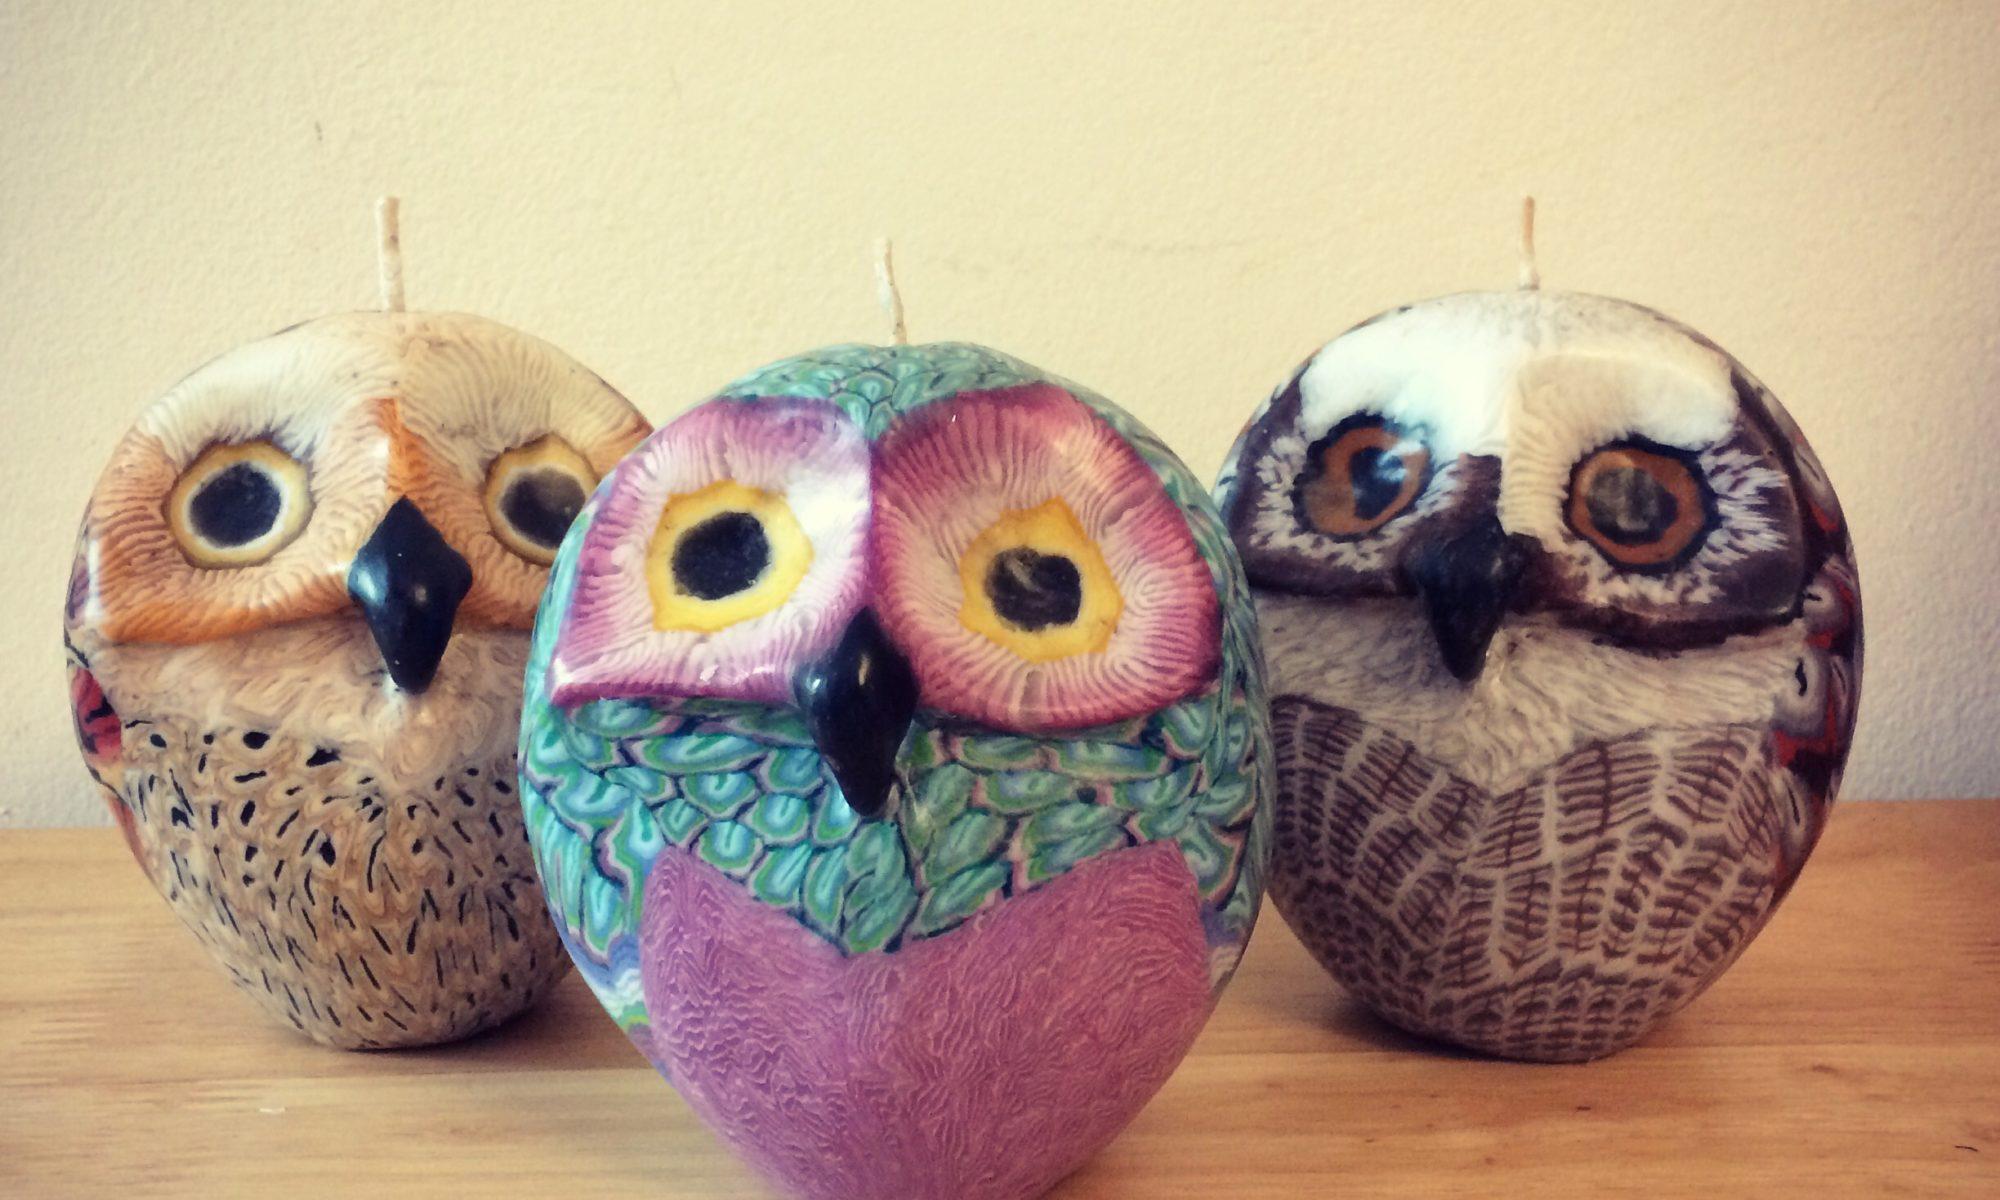 Fair trade owls